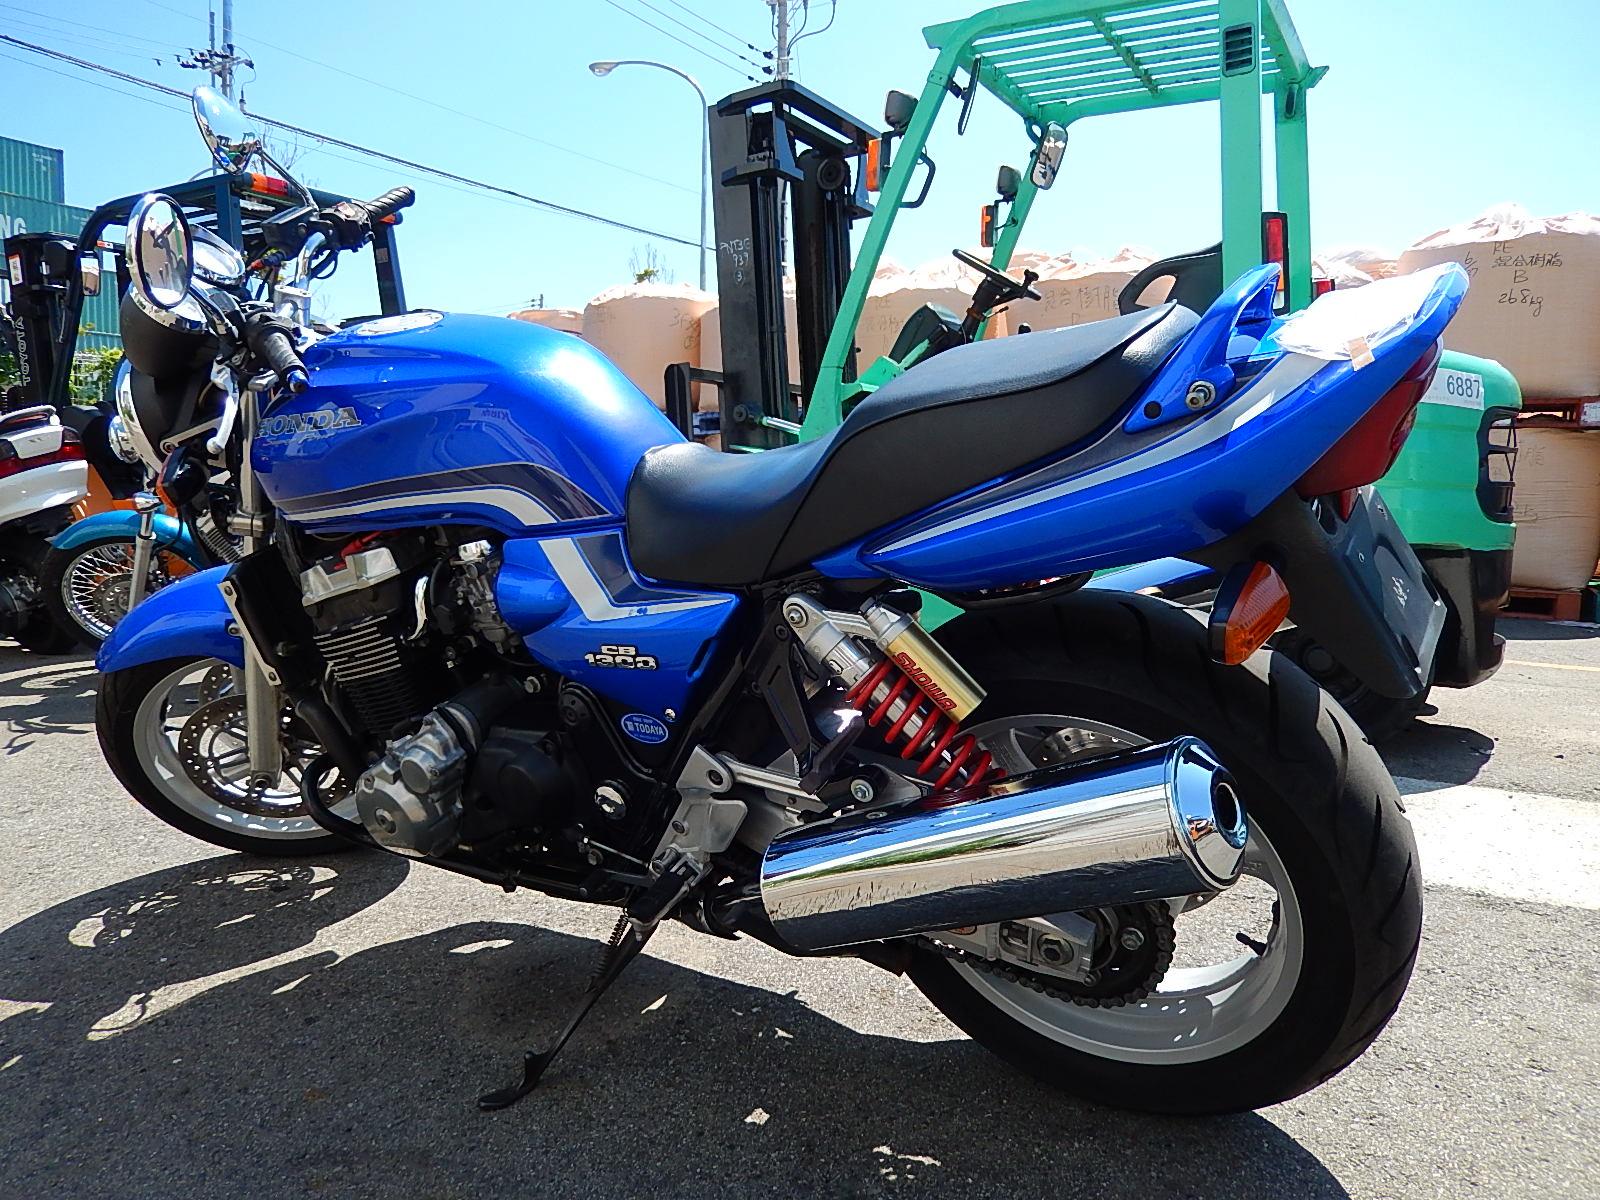 Honda cb 1300 разбор #4